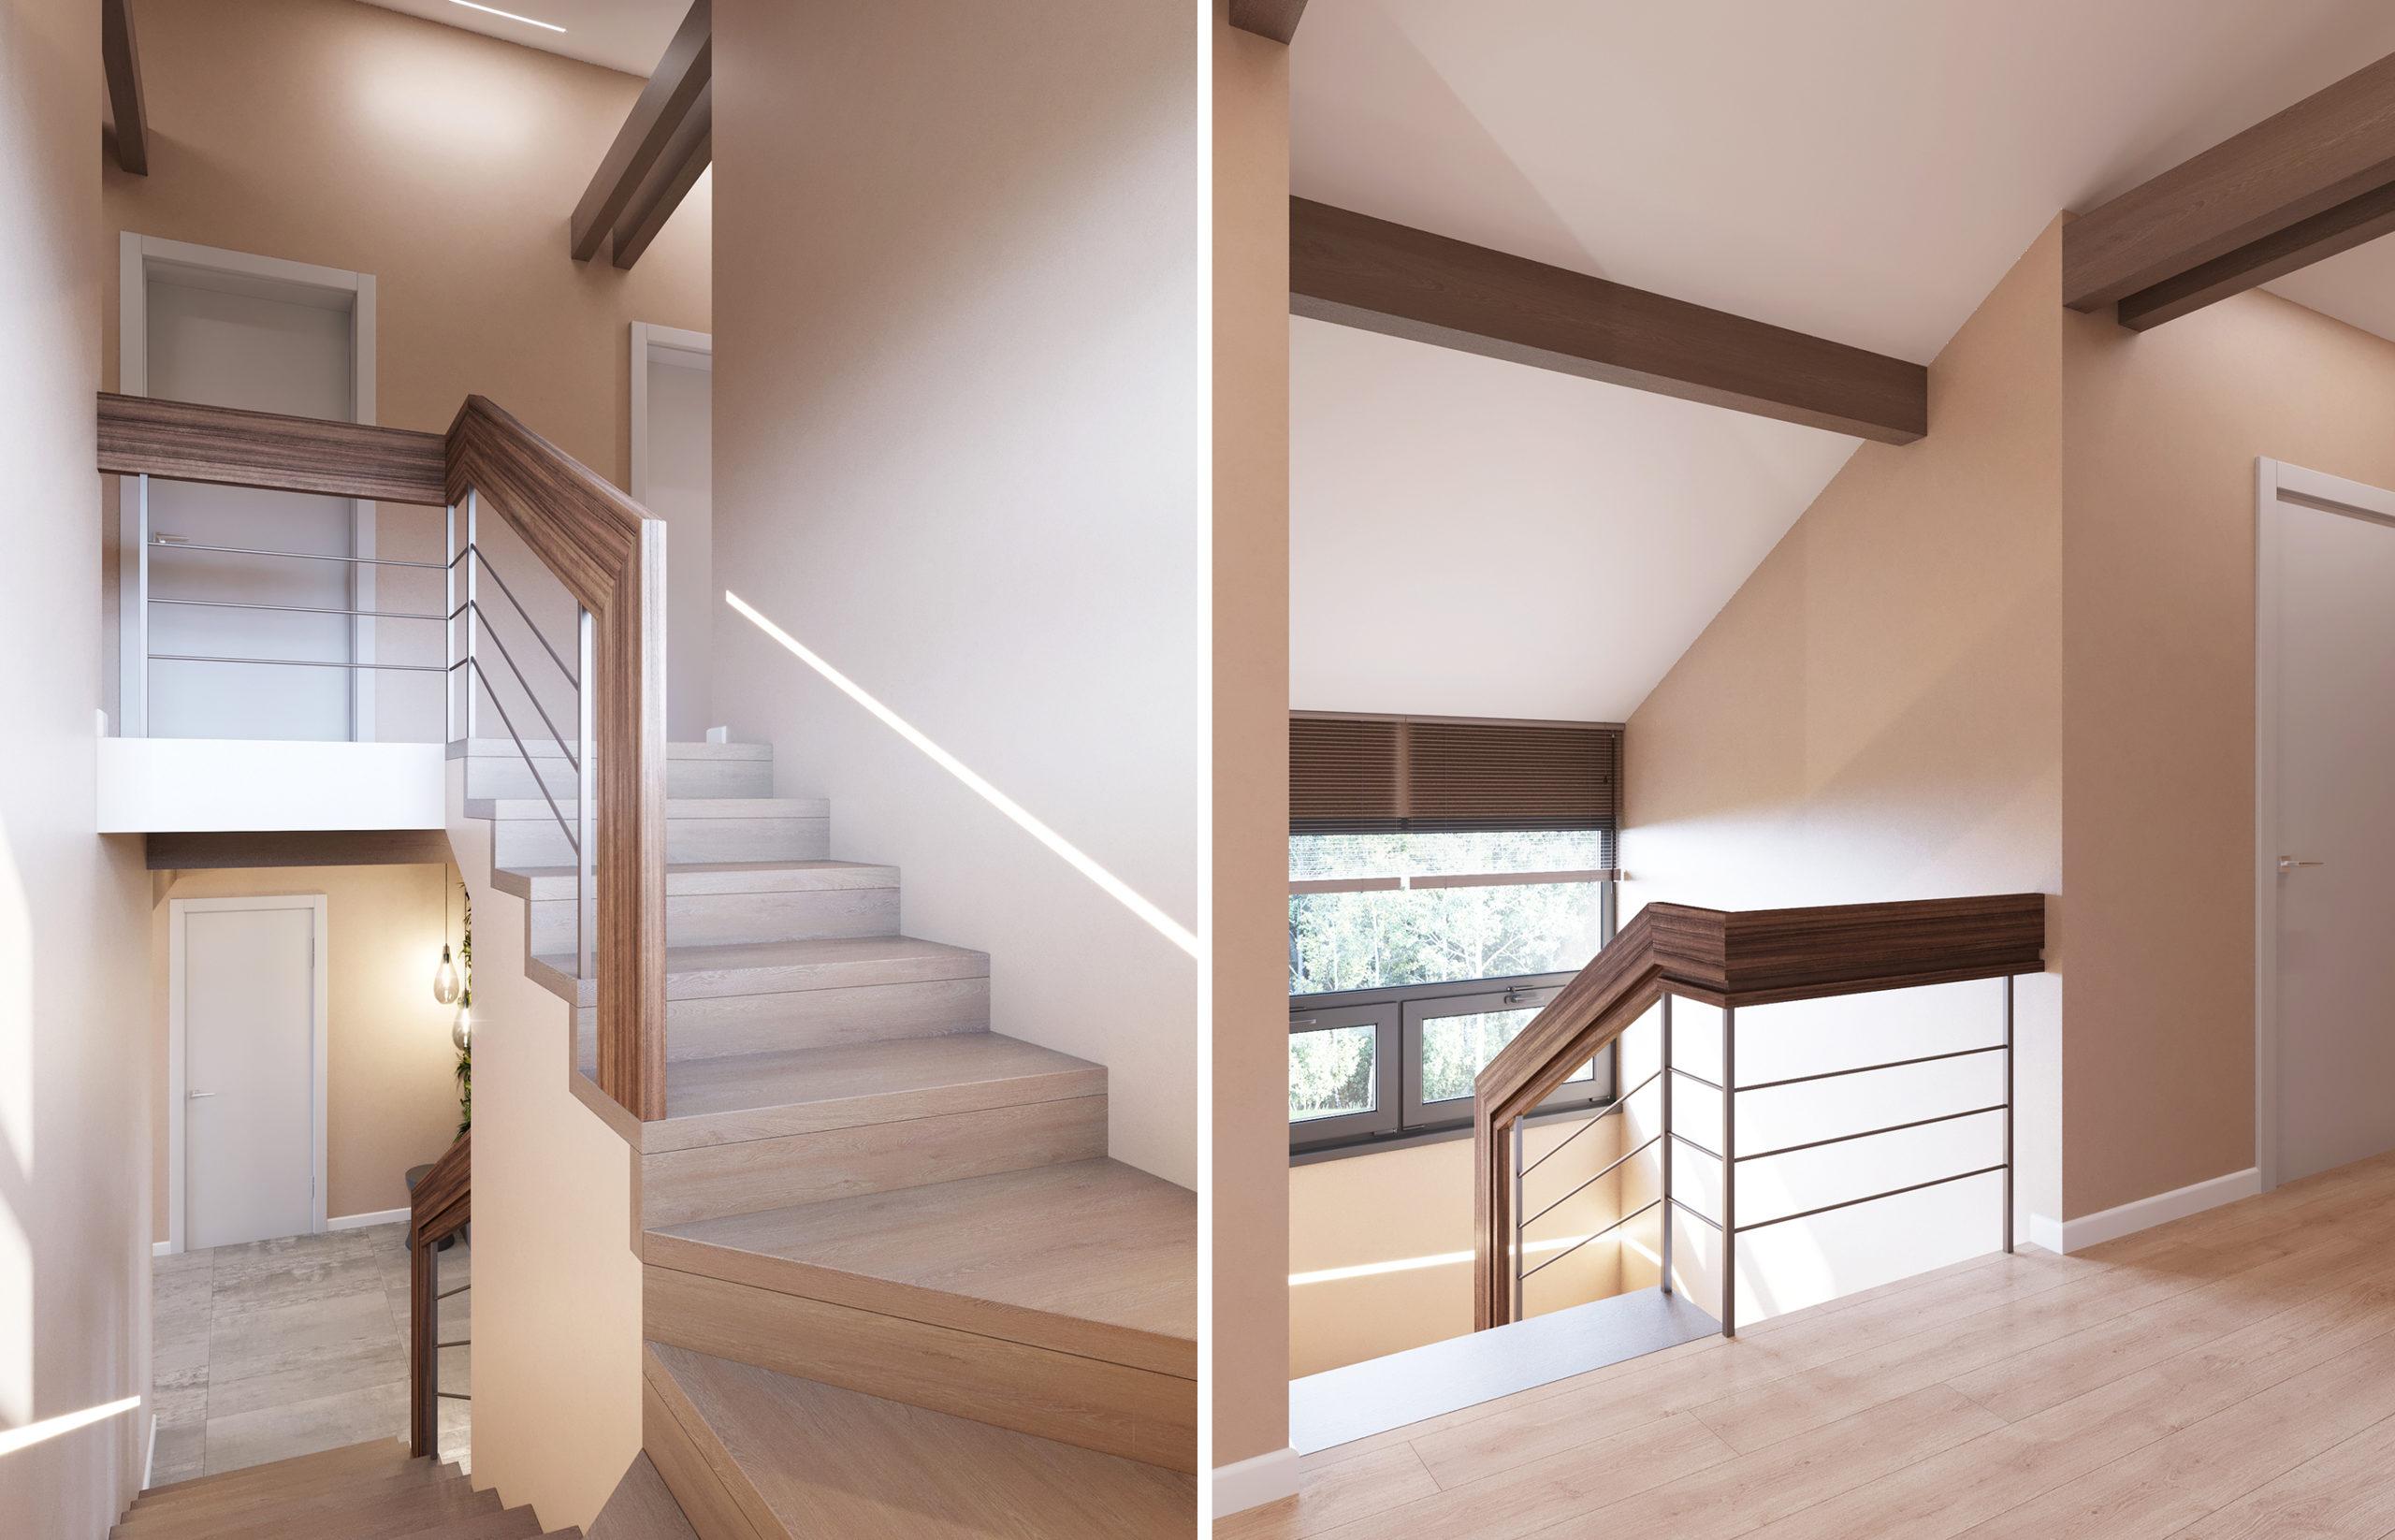 Лестница в минималистичном интерьере - минимум деталей, максимум функциональности